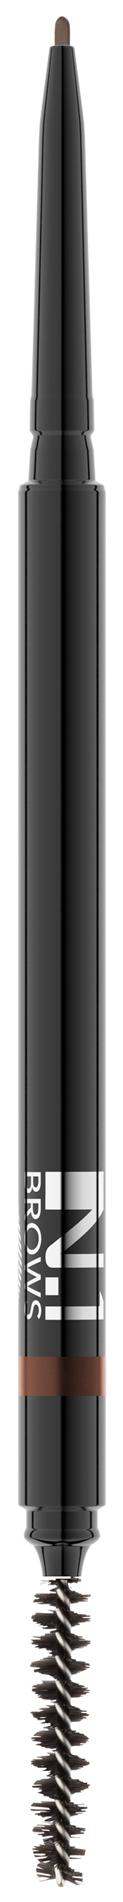 Купить Карандаш для бровей N.1 Автоматический карандаш для бровей 02 0, 9 г